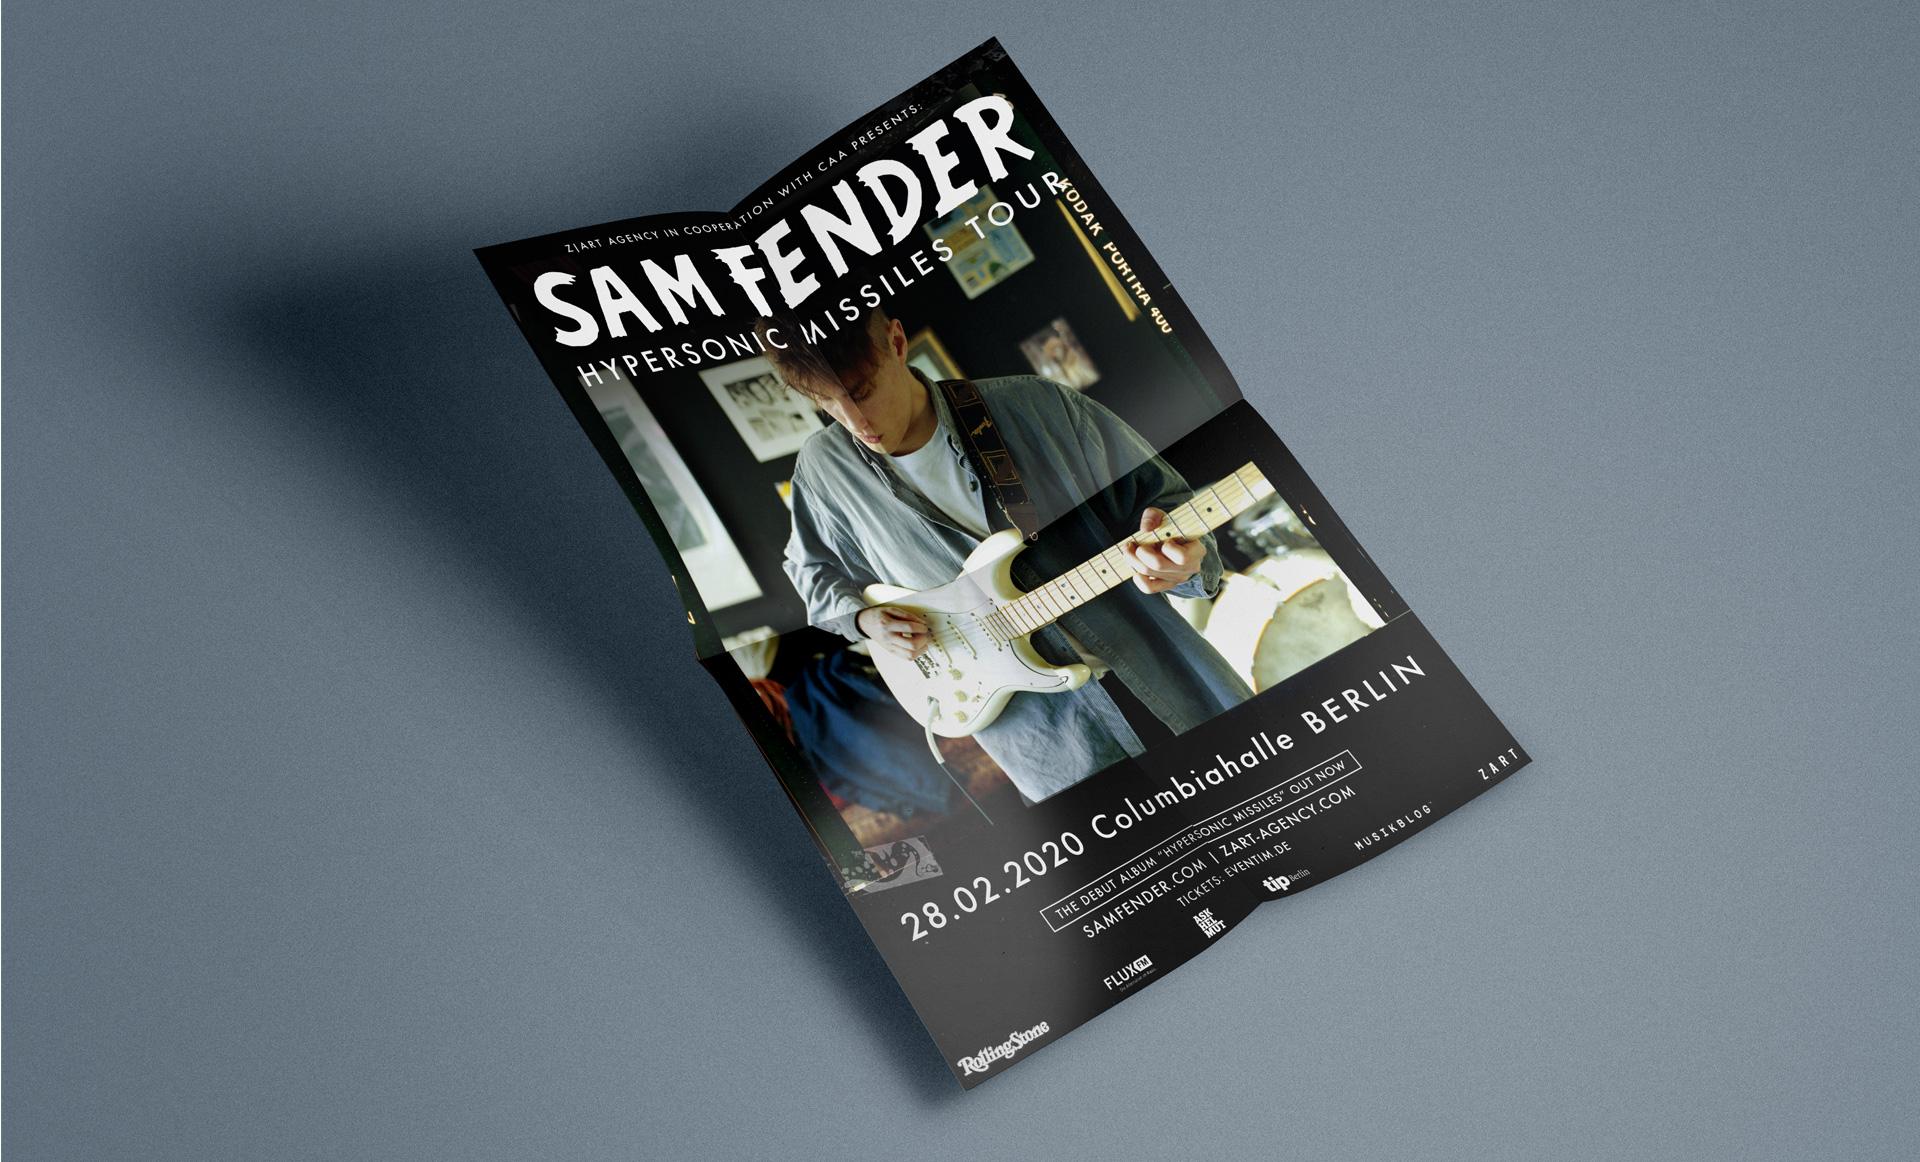 Sam_Fender_Hypersonic_Missiles_Poster